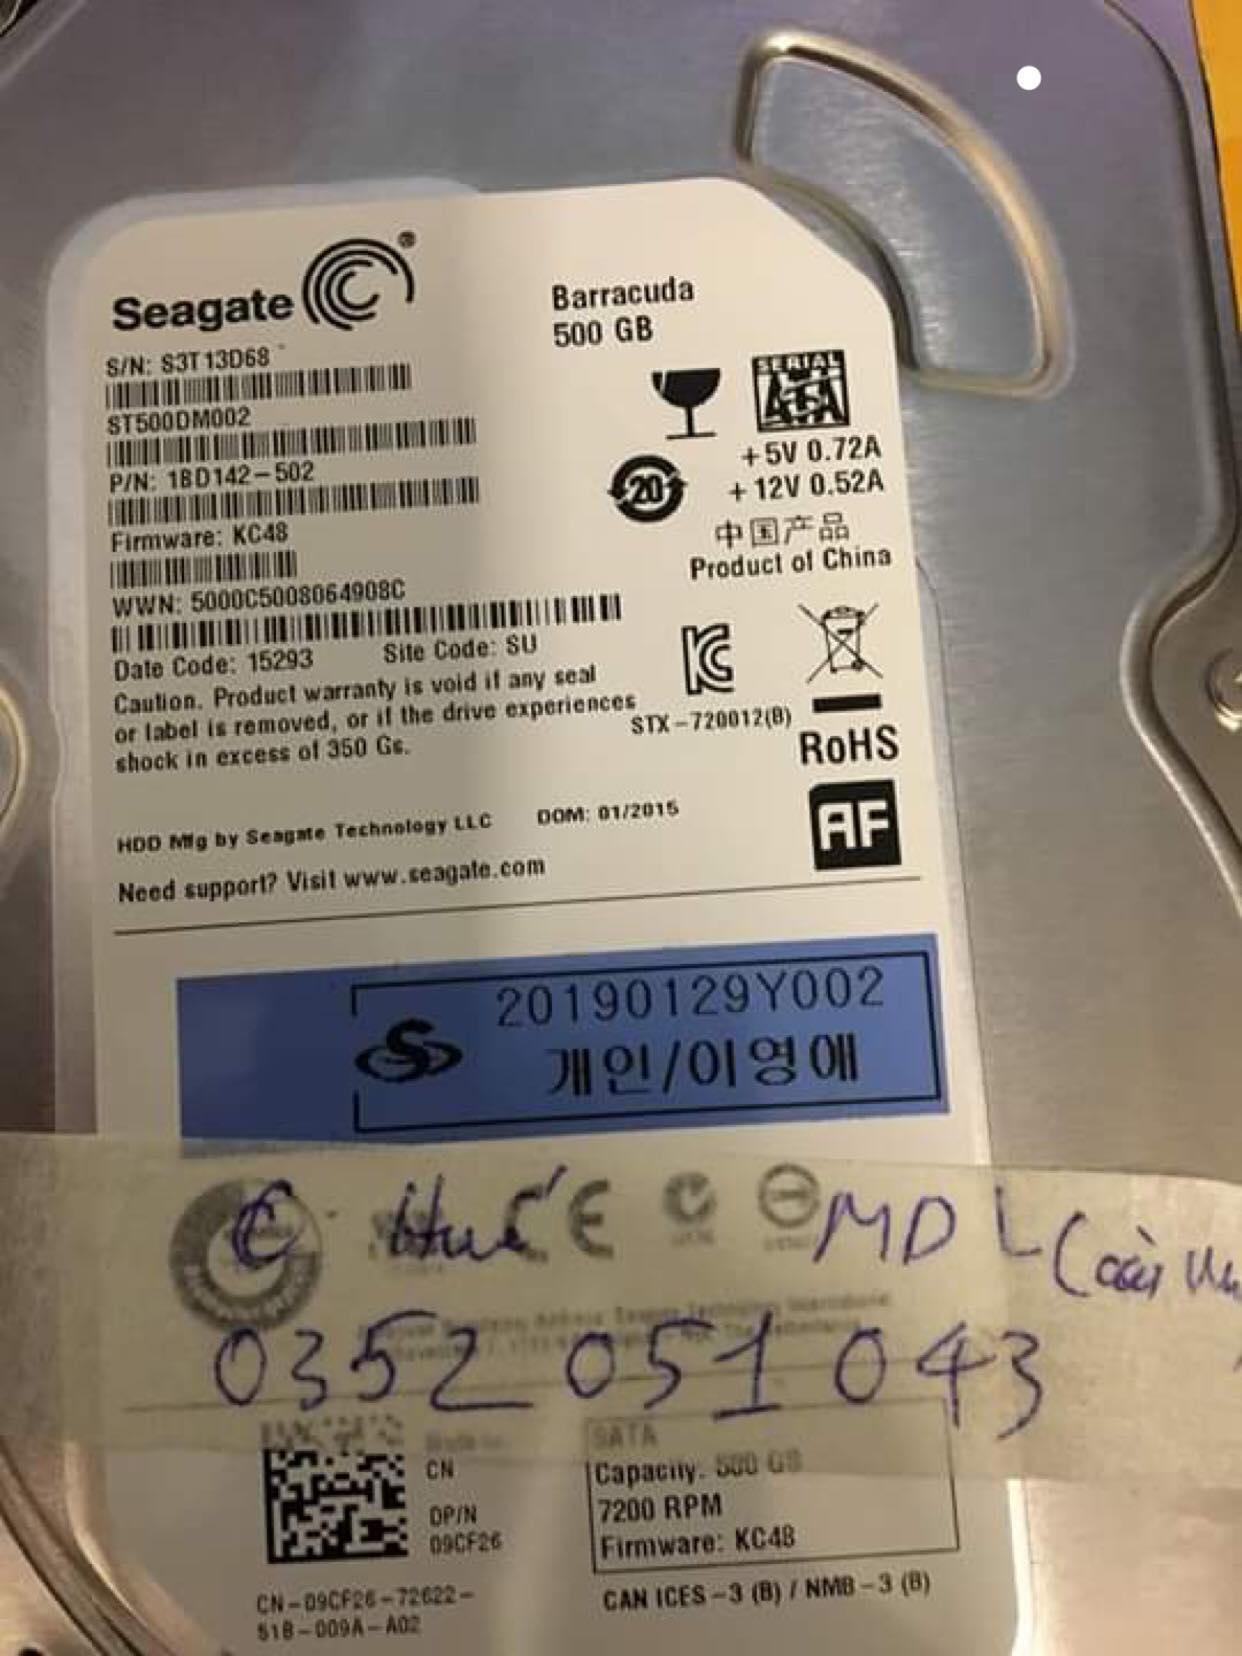 Cứu dữ liệu ổ cứng Seagate 500GB cài win mất dữ liệu 19/02/2019 - cuumaytinh